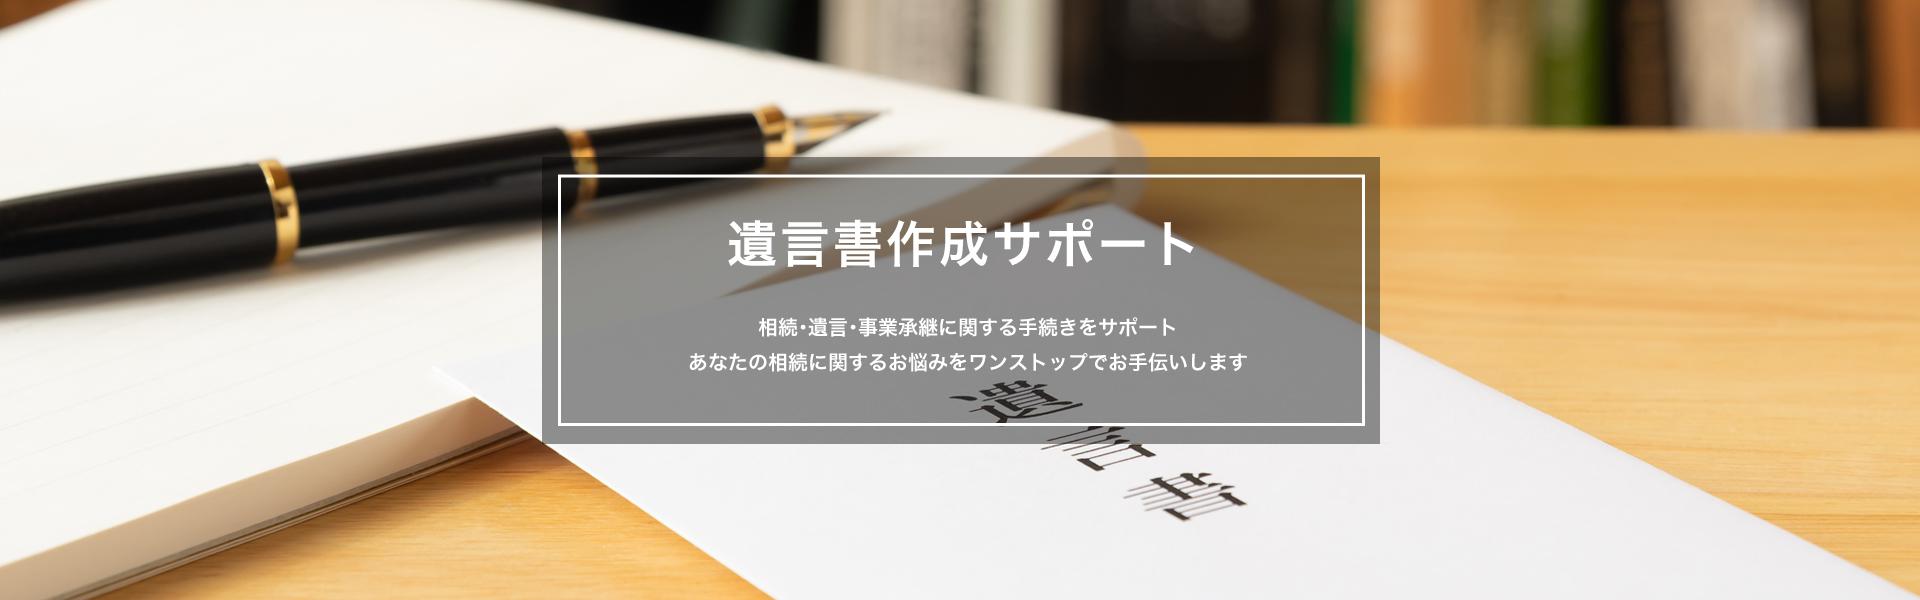 税理士_遺言書作成サポート